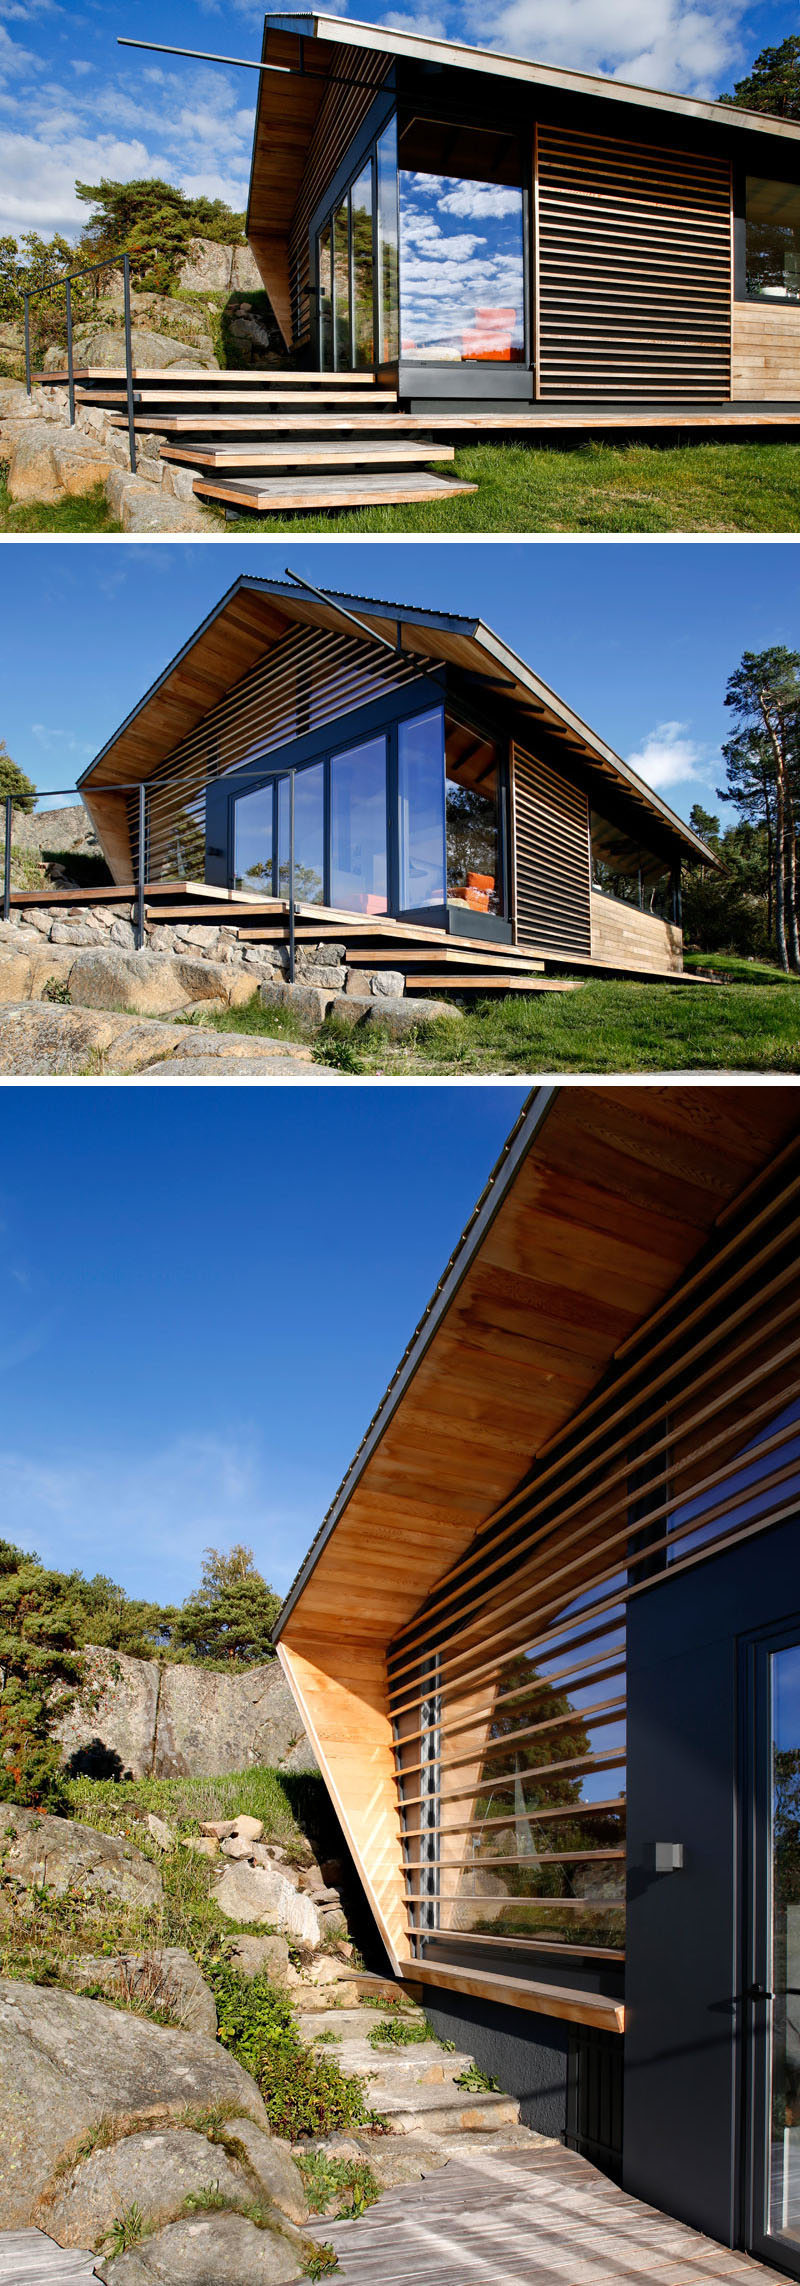 Drvena vikendica na stjenovitoj obali